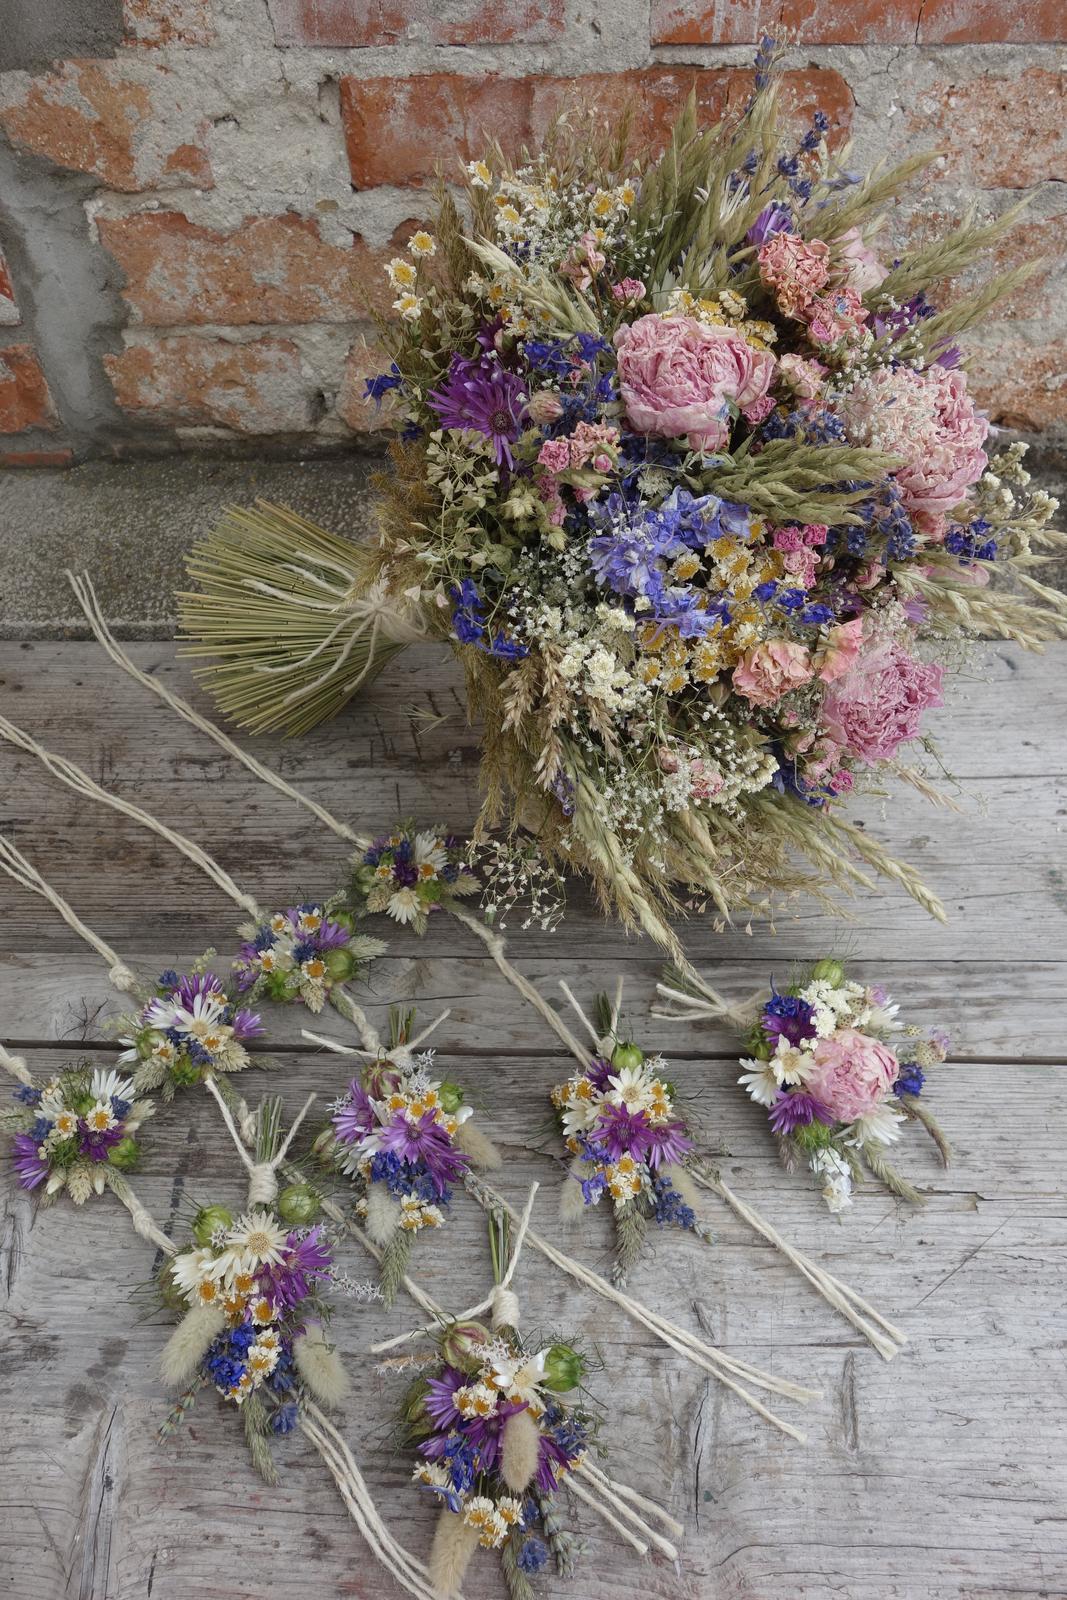 Moje svadobné kytice zo sušených kvetov rok 2019 - Obrázok č. 3